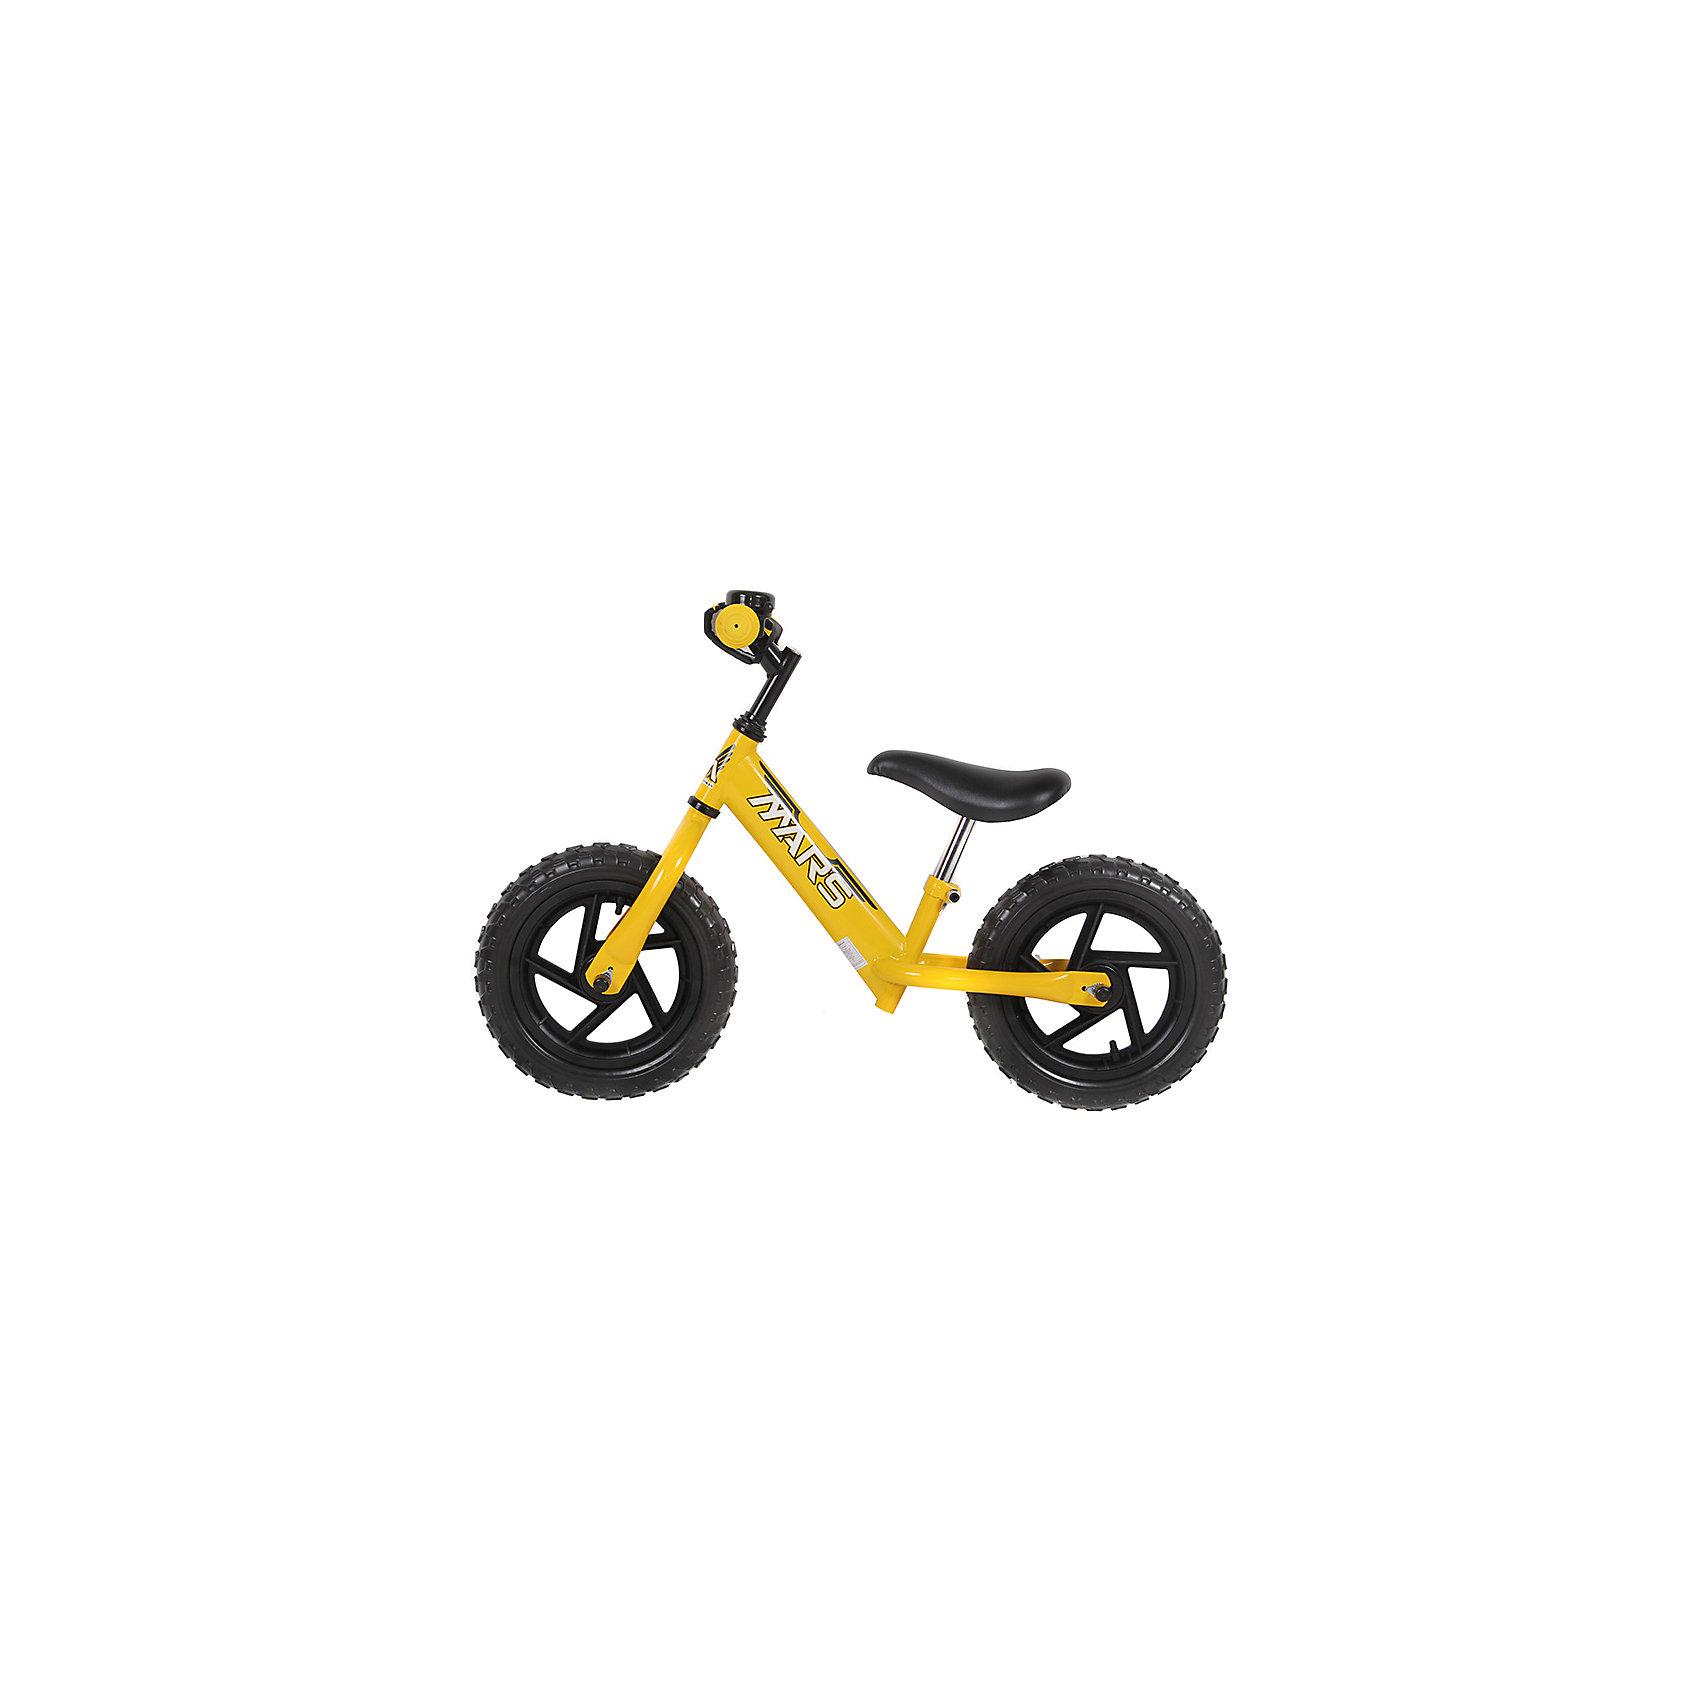 Беговел, желтый, NEW MARSДля малышей от трех до пяти лет специалисты создали велобег - заменитель двухколесного велосипеда.  Это велосипед - без педалей и цепи, он учит в первую очередь держать равновесие, на нем ребенок не сможет сильно разогнаться. На велобеге очень комфортно ездить благодаря продуманному размеру колес, их размер точно вымерен для того, чтобы обеспечить устойчивость на поворотах. С помощью велобега ребенок будет также развивать внимательность и пространственное мышление, а также учиться правильно использовать пространство.<br>Велобег выполнен в стильной расцветке, он произведен из высококачественных материалов. Эти материалы безопасны для ребенка. Он имеет созданную специалистами конструкцию, которая обеспечит ребенку комфорт и безопасность. Эта модель отличается удобным сиденьем, легкостью, возможностью отрегулировать руль и сиденье под рост ребенка.<br><br>Дополнительная информация:<br><br>цвет: желтый;<br>прочная и легкая конструкция;<br>удобный руль;<br>диаметр колес 12 дюймов;<br>мягкое сидение  с возможностью регулировки высоты;<br>рама и вилка сделаны из алюминиевого сплава;<br>регулировка положения высоты руля;<br>резиновые колеса;<br>звонок.<br><br>Велобег, желтый, от марки NEW MARS можно купить в нашем магазине.<br><br>Ширина мм: 800<br>Глубина мм: 300<br>Высота мм: 400<br>Вес г: 5200<br>Возраст от месяцев: 36<br>Возраст до месяцев: 60<br>Пол: Унисекс<br>Возраст: Детский<br>SKU: 4715393